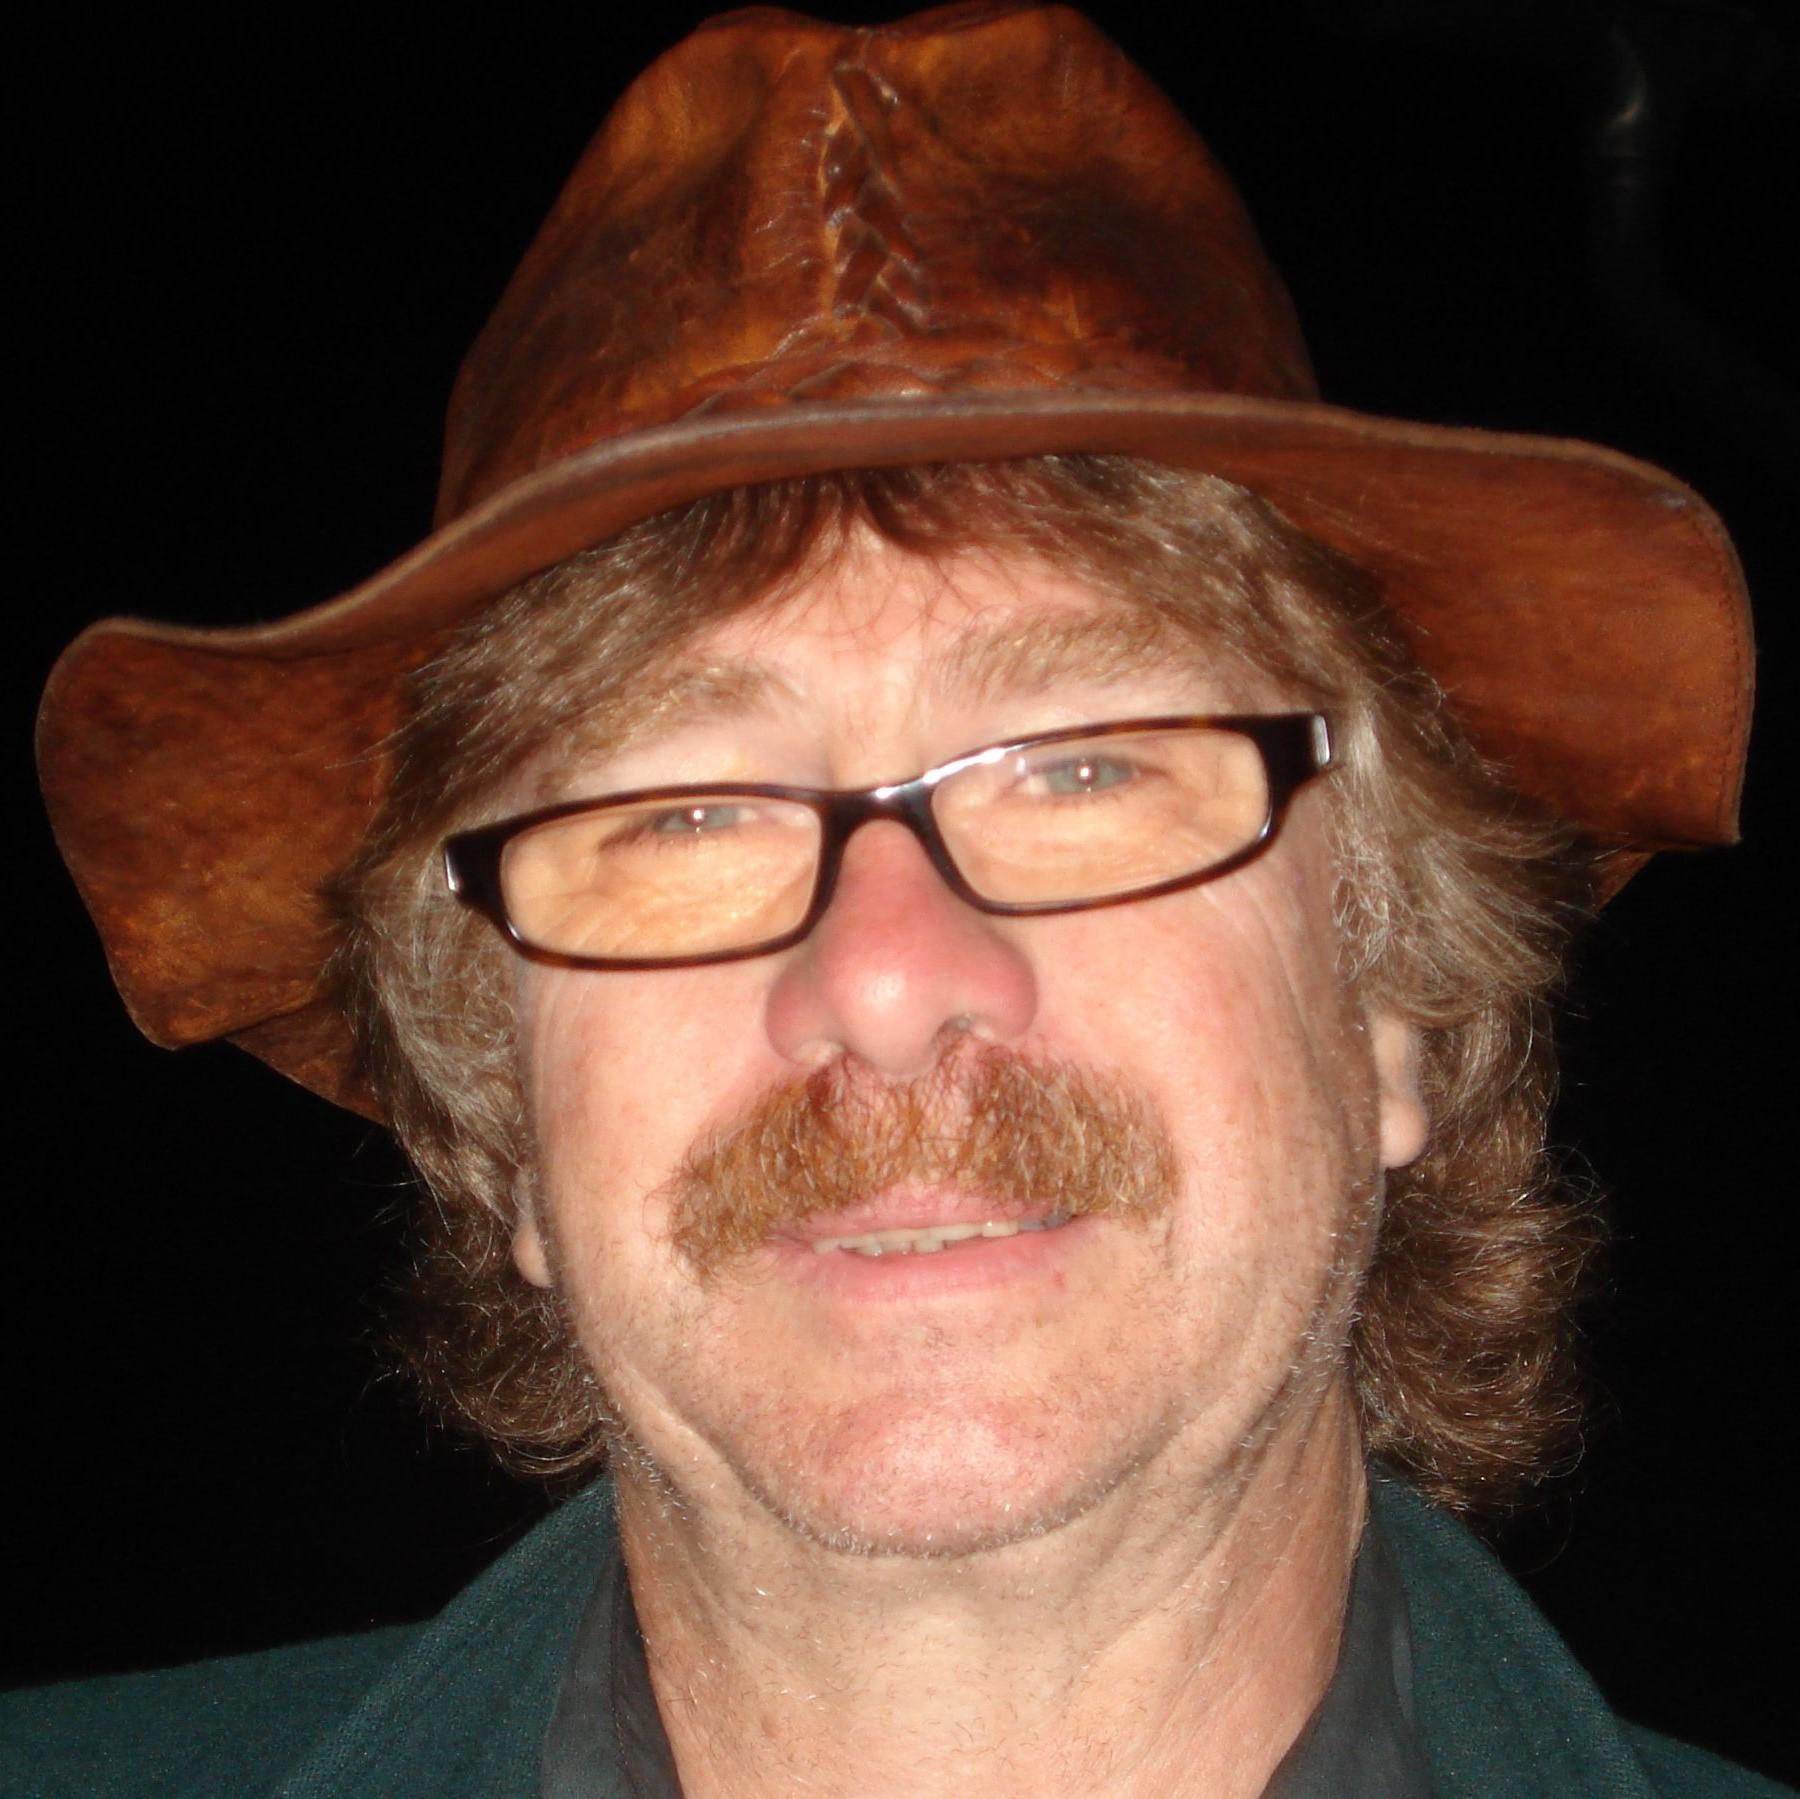 Robert Grassmann